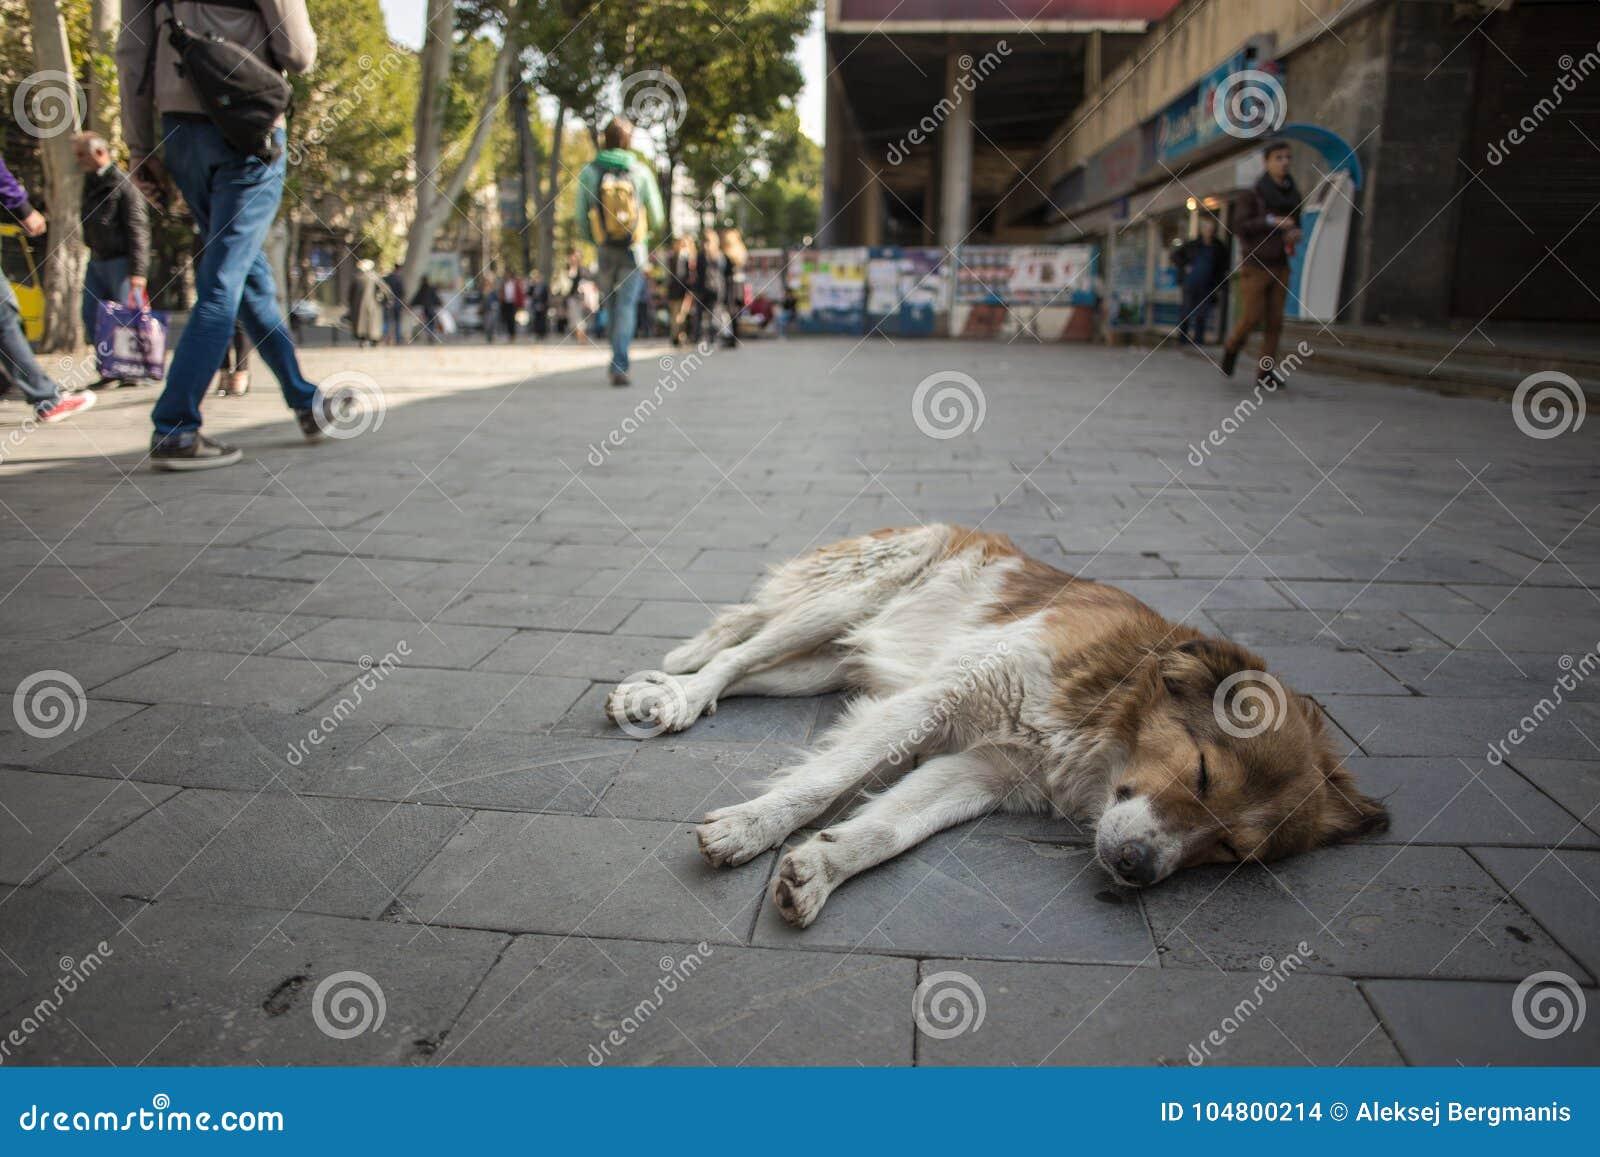 Бездомная собака лежит на улице города Тбилиси